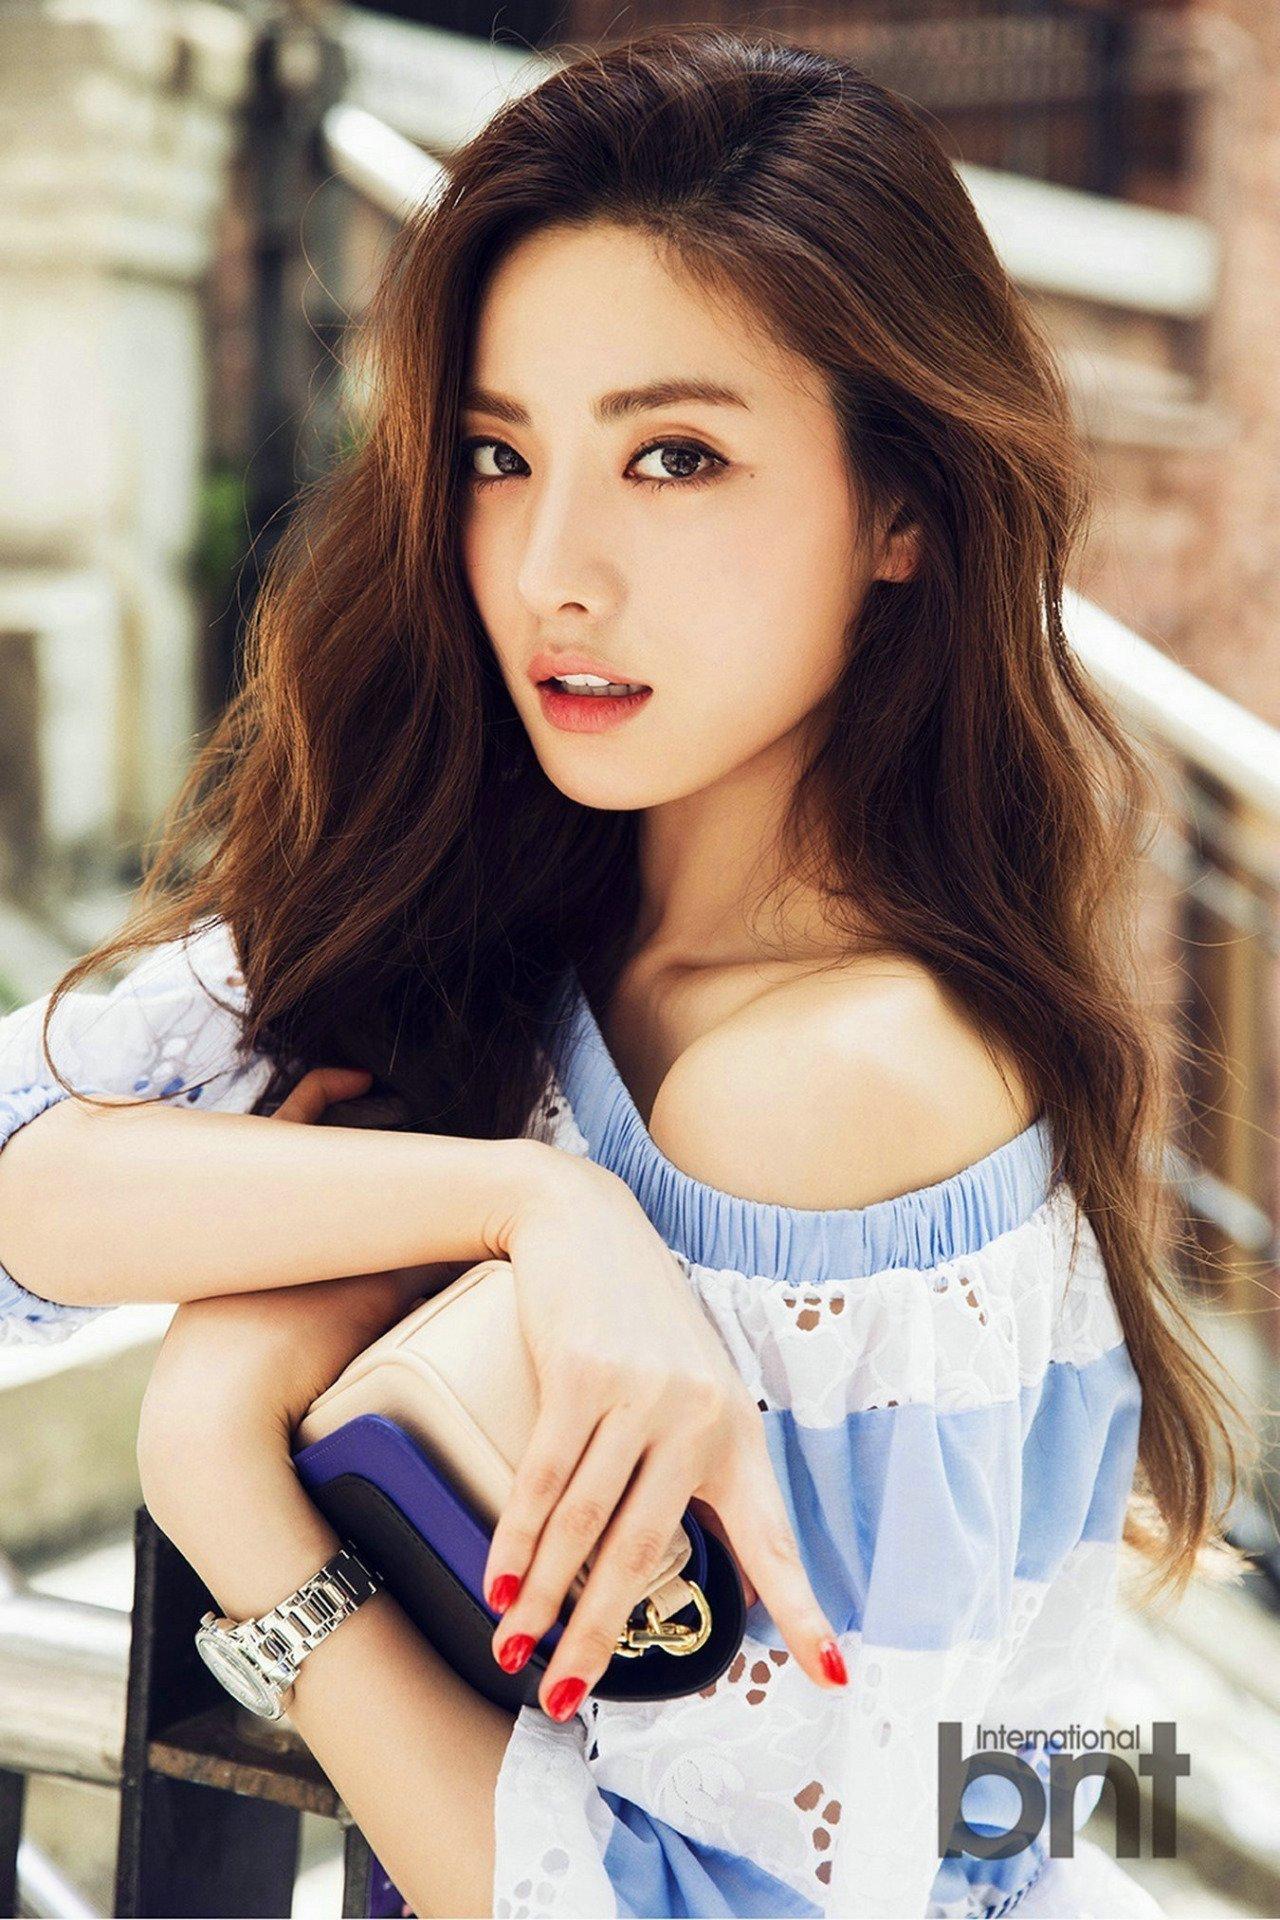 Nghịch lý sao nữ Hàn: Khuyết điểm đầy mình vẫn được tung hô, mặt đẹp dáng chuẩn lại bị ghẻ lạnh! - Ảnh 13.